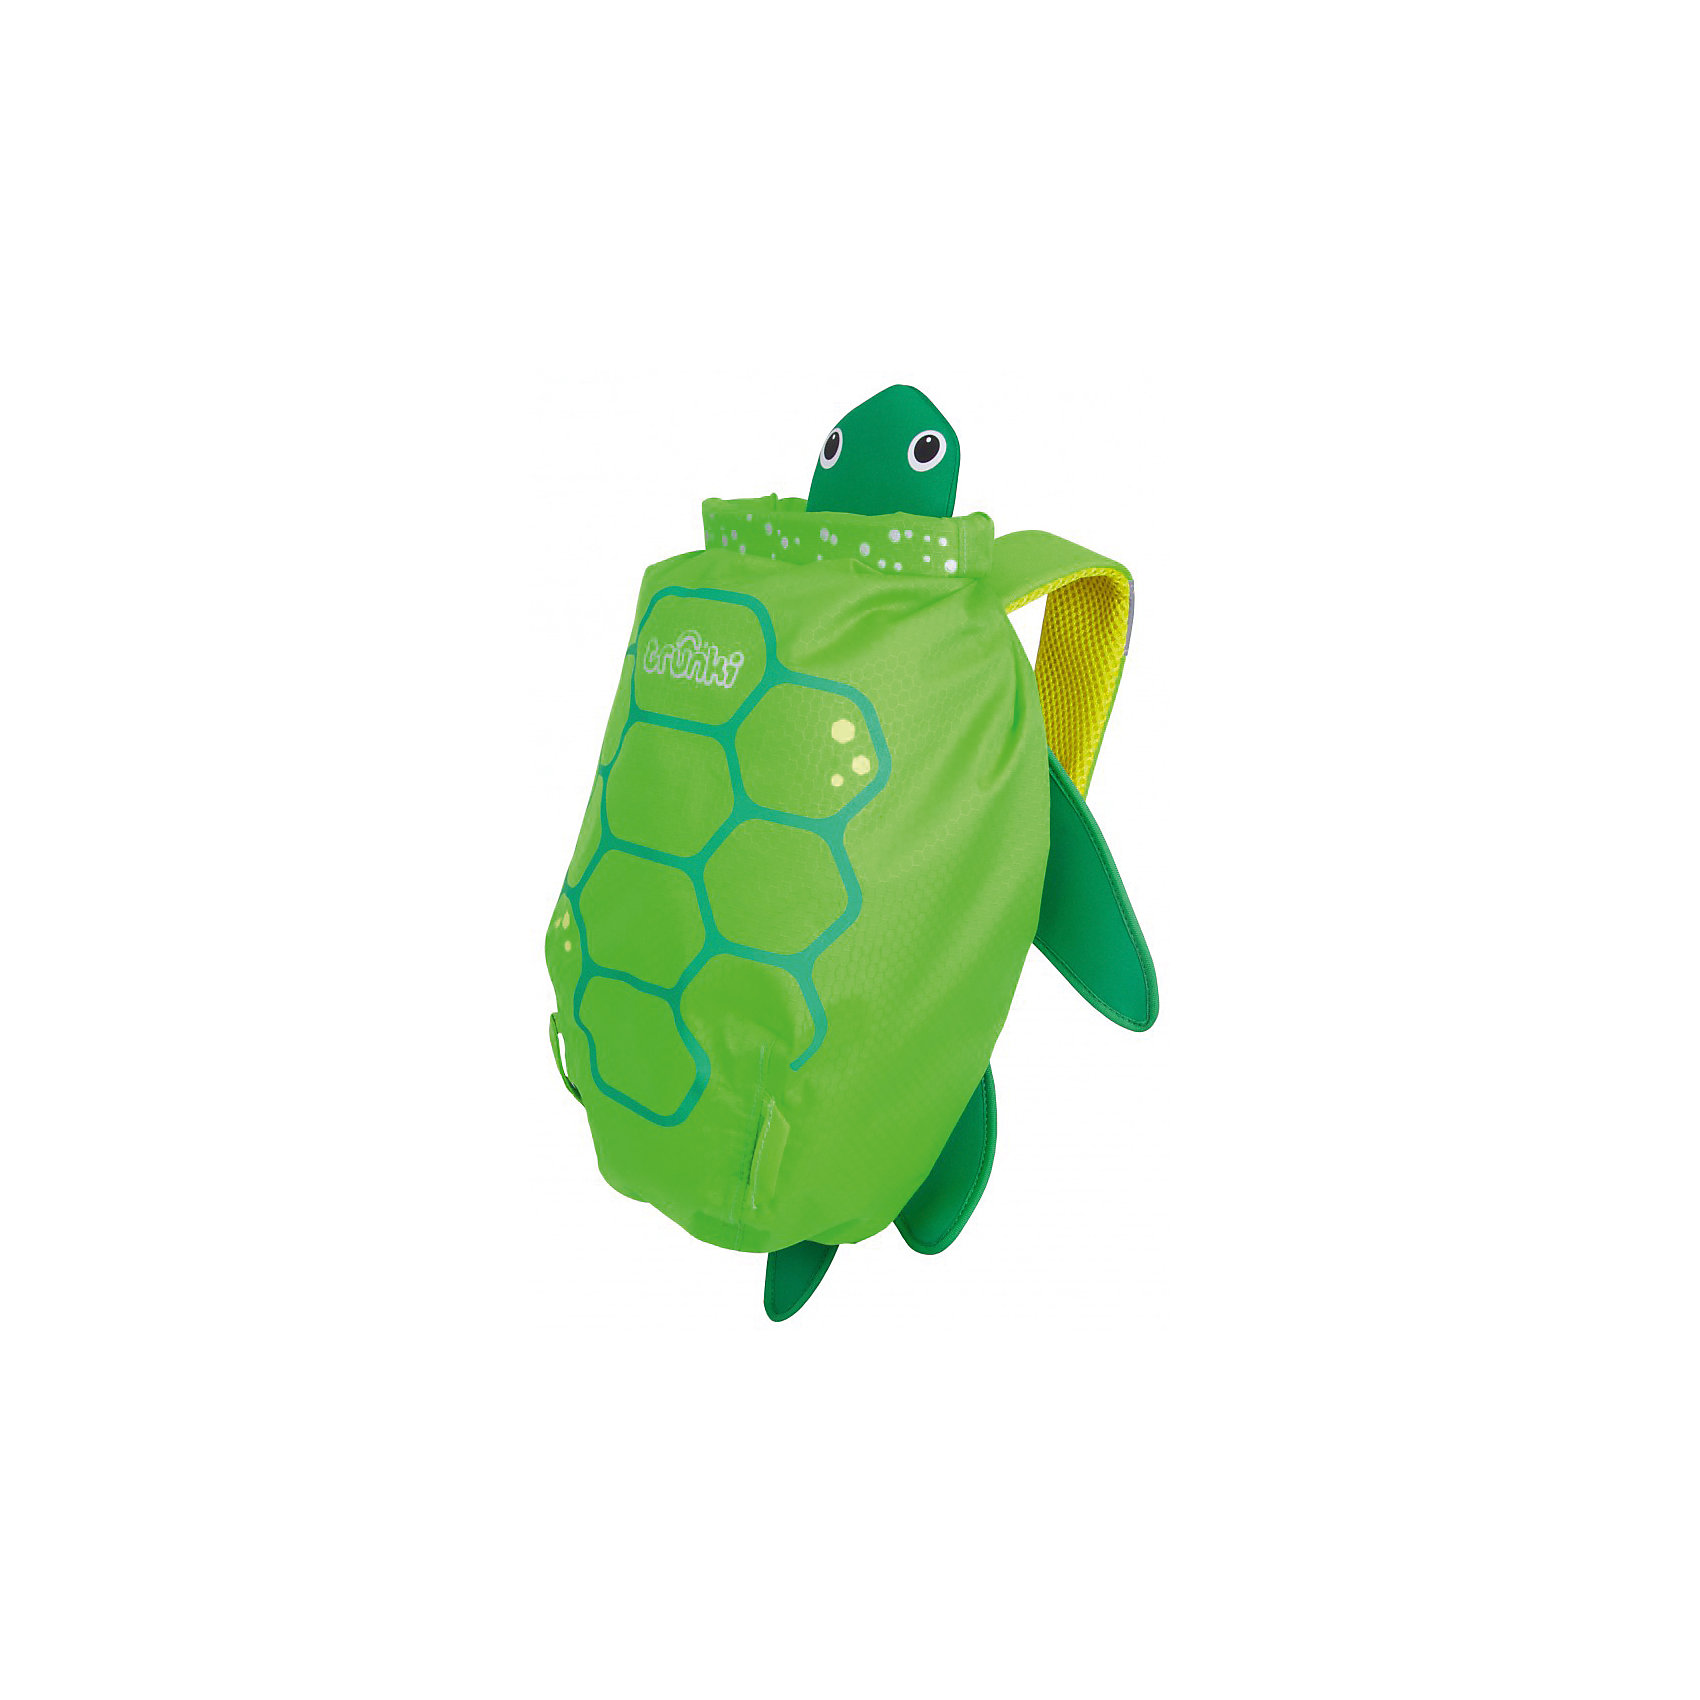 Рюкзак для бассейна и пляжа ЧерепахаРюкзак для бассейна и пляжа Черепаха – это верный спутник вашего ребенка в бассейне или на пляже.<br>Яркий водонепроницаемый рюкзак для бассейна и пляжа выполнен в виде зеленой черепахи с лапками, головой и панцирем. Благодаря размеру он идеально подходит для раздевалок в бассейне или в школе. Спинка рюкзака выполнена из сетчатой дышащей ткани air mesh, поэтому даже самые жаркие летние дни спина ребенка не будет потеть. Широкие плечевые лямки регулируются по длине. На одной из лямок рюкзака находится специальное силиконовое крепление с отверстием для солнечных очков. Рюкзак изготовлен из легкого прочного водоотталкивающего материала, который легко поддается чистке и стирке. Внутри рюкзака одно вместительное отделение, изготовленное из такой же водонепроницаемой ткани, что и сам рюкзак. Все швы и соединительные элементы проклеены, для надежности и защиты от протекания. Имеется место для контактной информации маленького владельца. Уникальное крепление-застежка top roll защитит содержимое рюкзака от воды. Три оборота, и горловина рюкзака плотно закрыта и зафиксирована! Для ценных вещей имеется дополнительный потайной водонепроницаемый кармашек. По всей площади рюкзака предусмотрены светоотражающие элементы, отвечающие за безопасность ребенка в темное время суток.<br><br>Дополнительная информация:<br><br>- Возраст: от 3 лет<br>- Для мальчиков и девочек<br>- Цвет: зеленый.<br>- Материал: текстиль, пластик.<br>- Размер рюкзака: 49 х 41 х 10 см.<br>- Вес: 180 гр.<br><br>Рюкзак для бассейна и пляжа Черепаха можно купить в нашем интернет-магазине.<br><br>Ширина мм: 370<br>Глубина мм: 290<br>Высота мм: 170<br>Вес г: 170<br>Возраст от месяцев: 24<br>Возраст до месяцев: 168<br>Пол: Унисекс<br>Возраст: Детский<br>SKU: 4921555